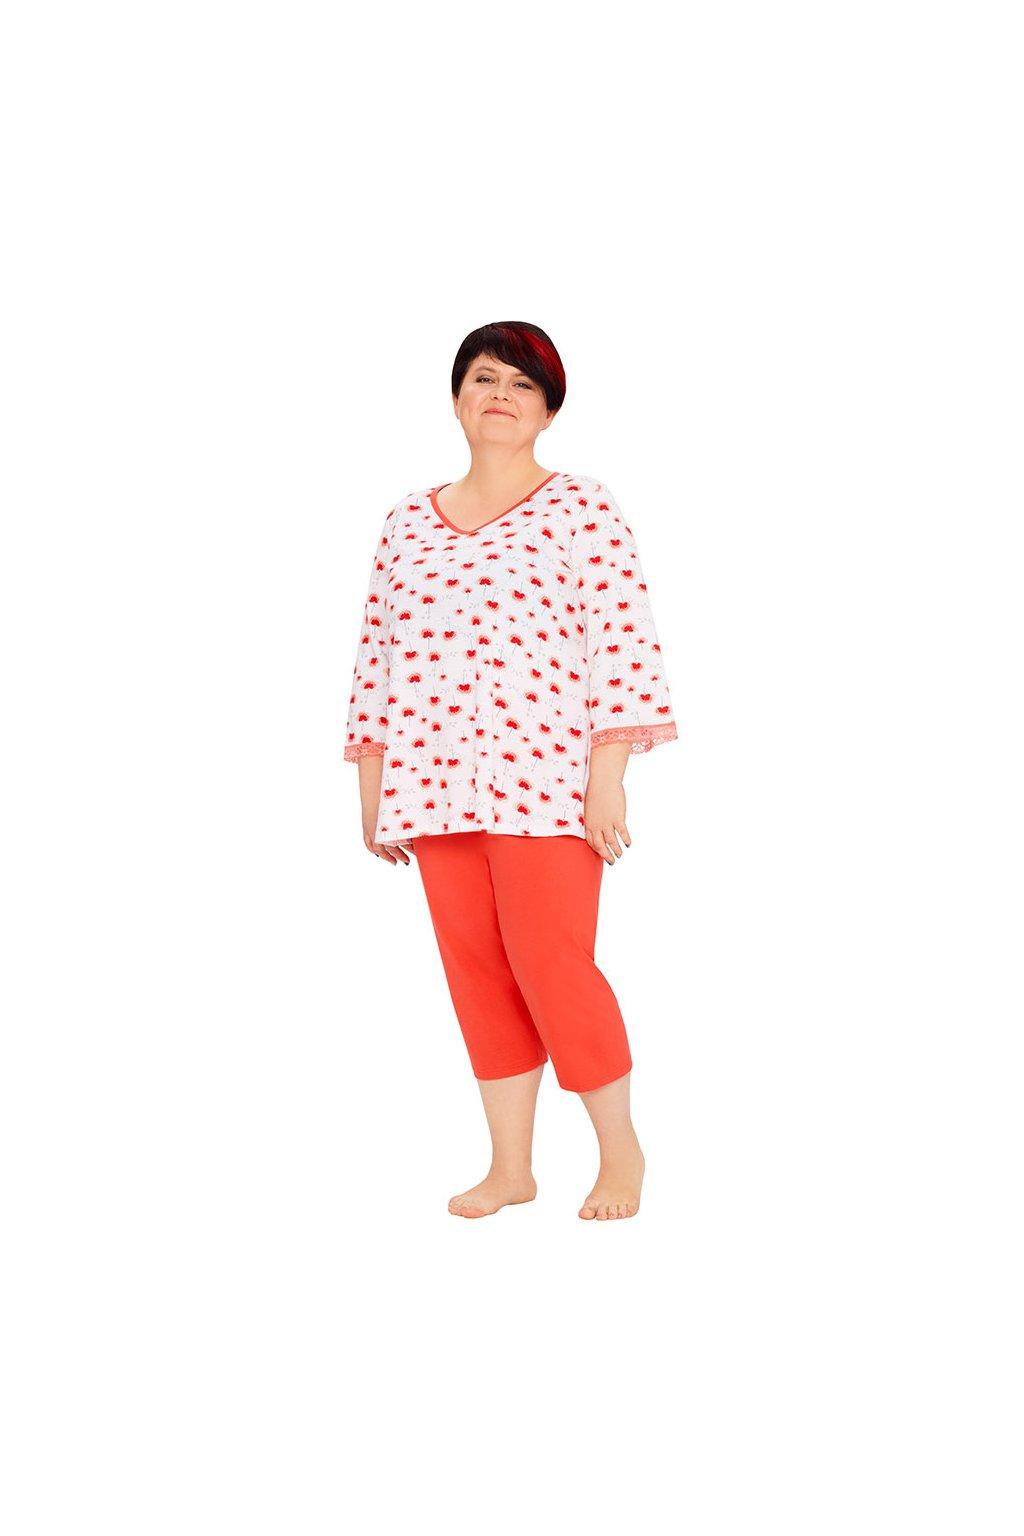 Dámské pyžamo s 3/4 rukávem, 104411 270, červená